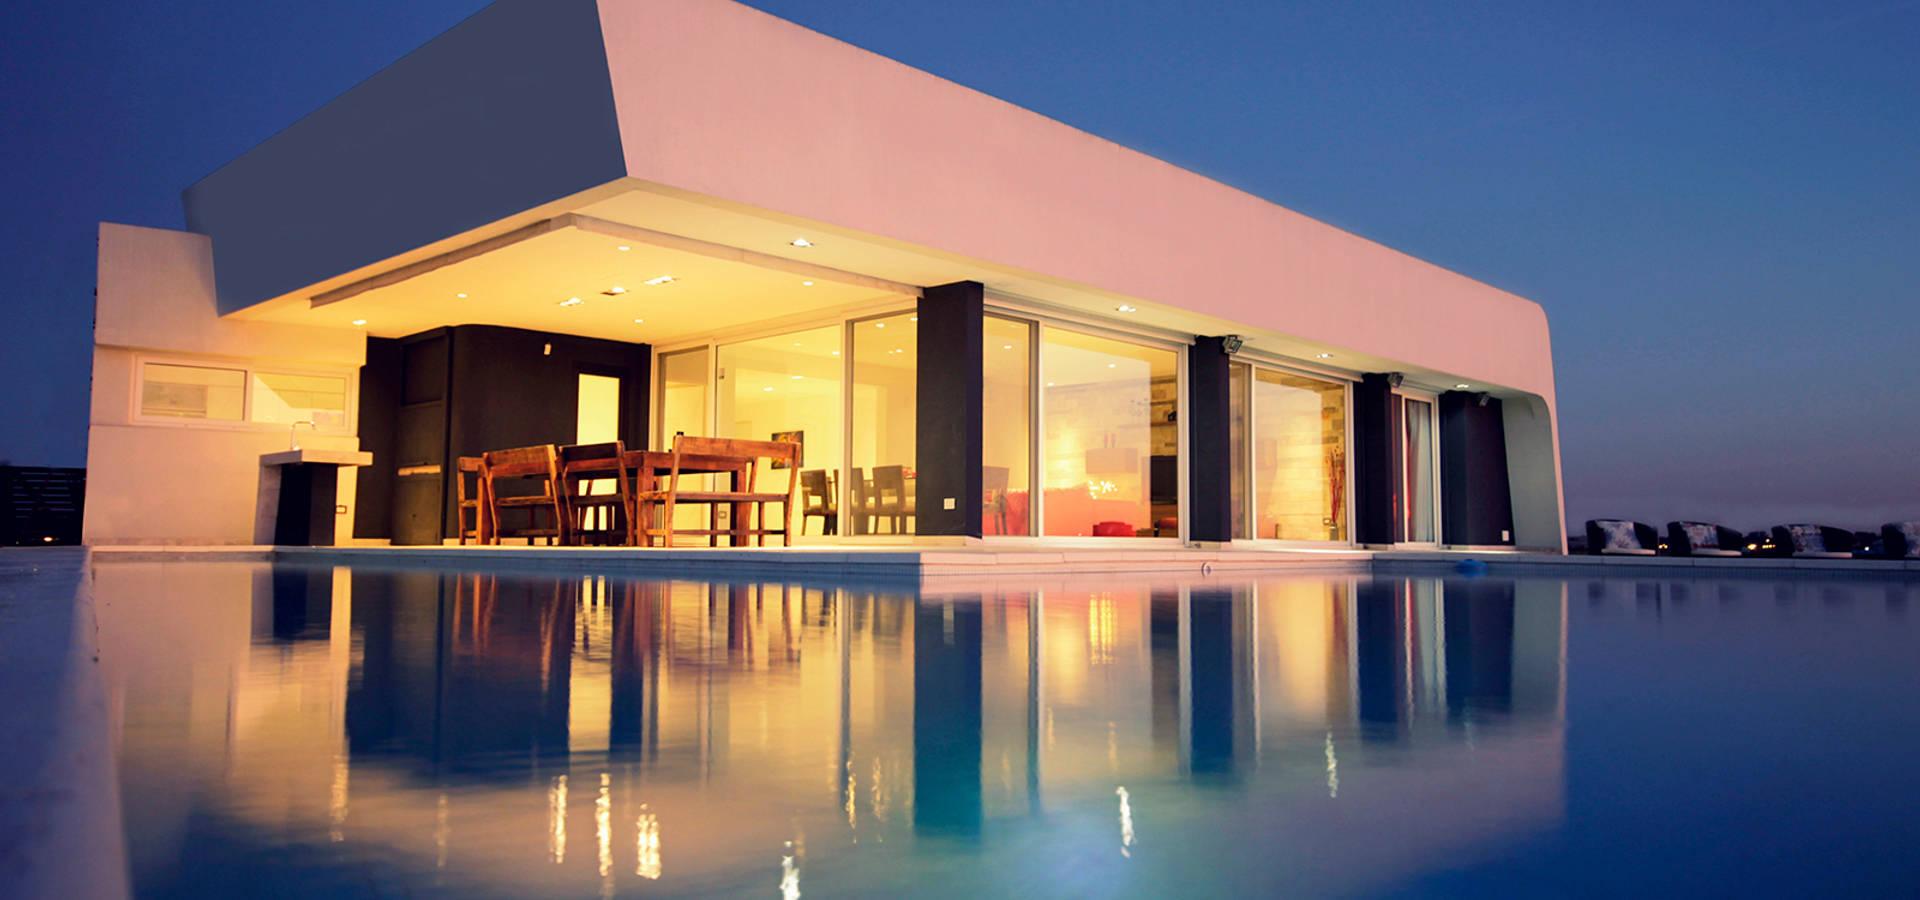 MiD Arquitectura